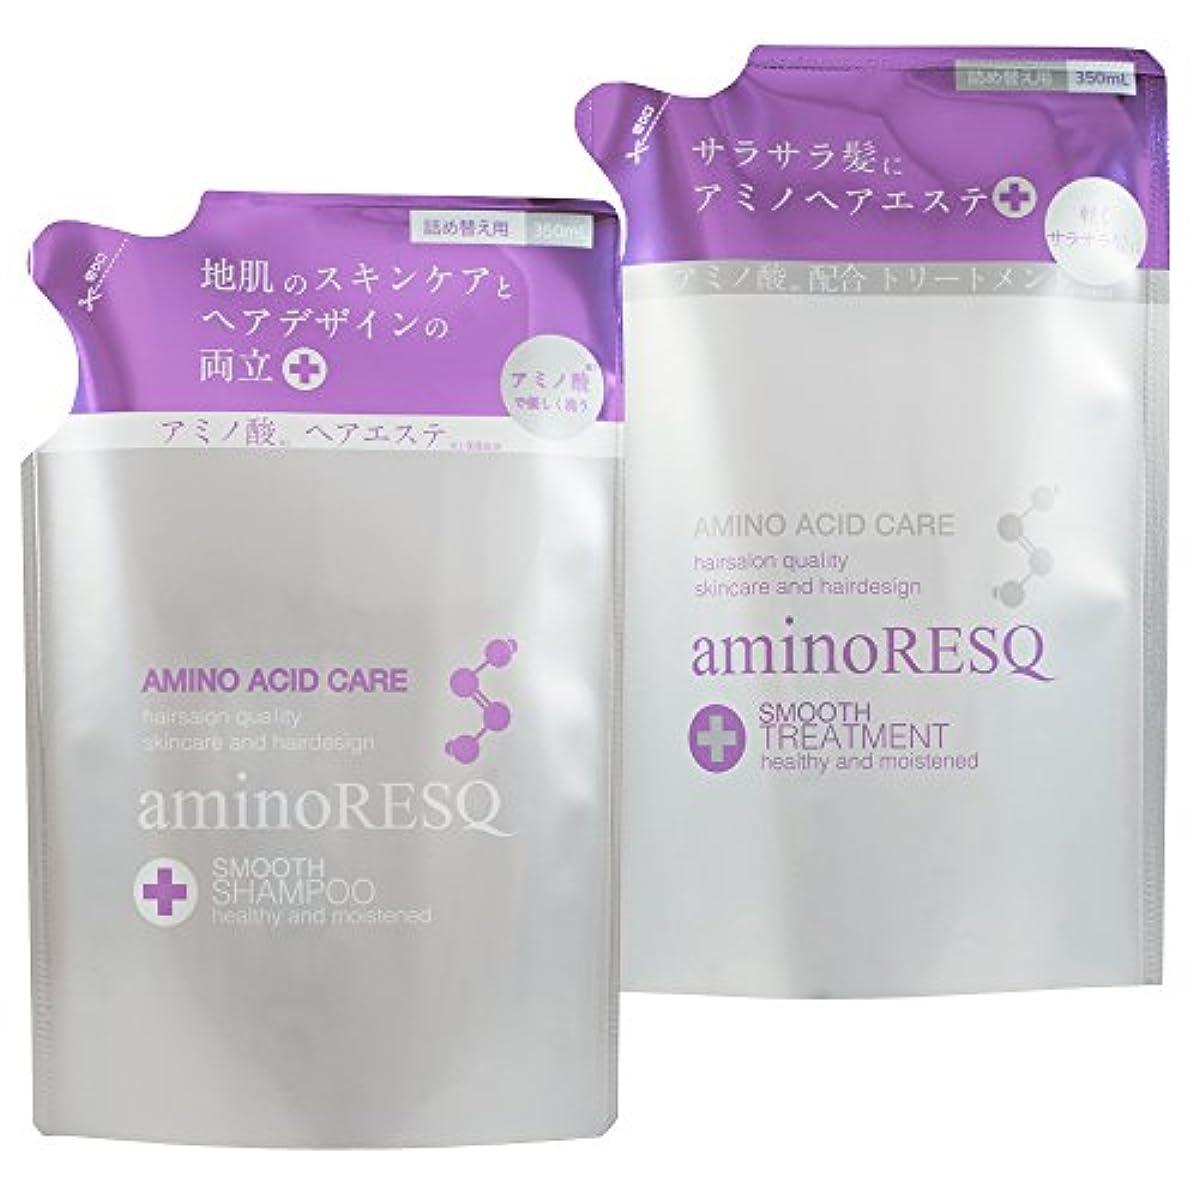 レベルシガレット所属aminoRESQ アミノレスキュー スムース シャンプー&トリートメント詰替セット